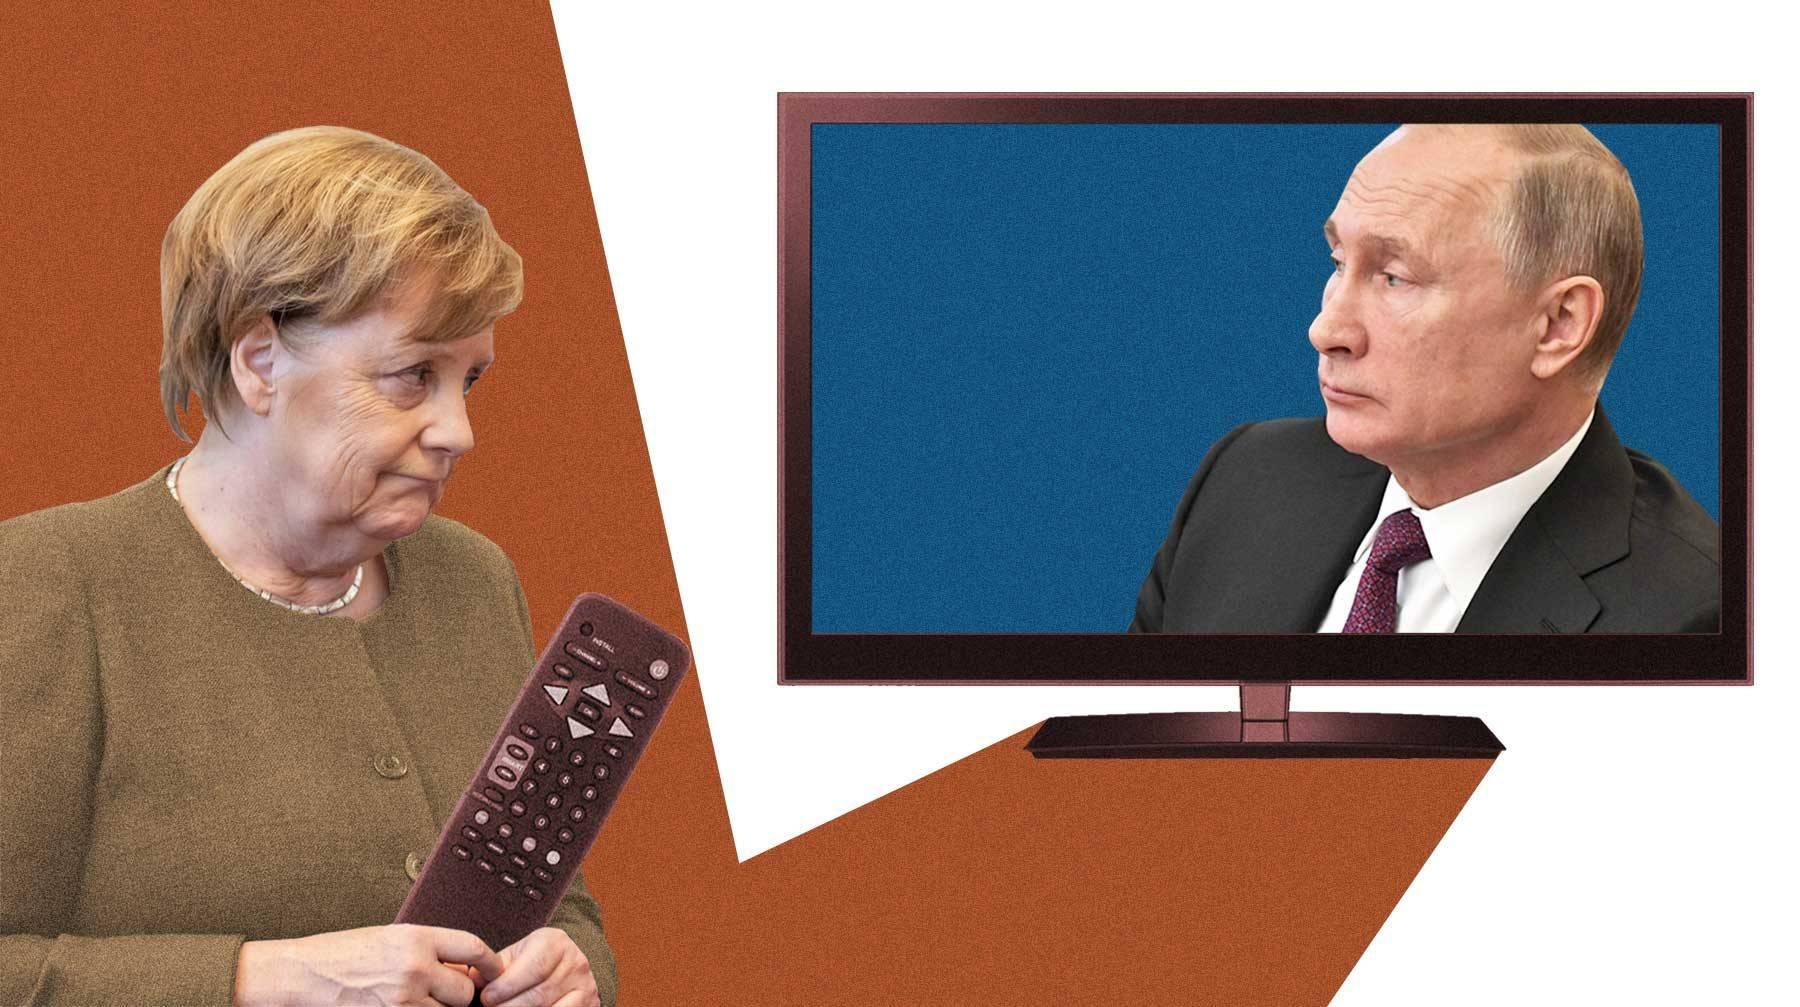 Как и когда российское эфирное вещание перейдет на hdtv?